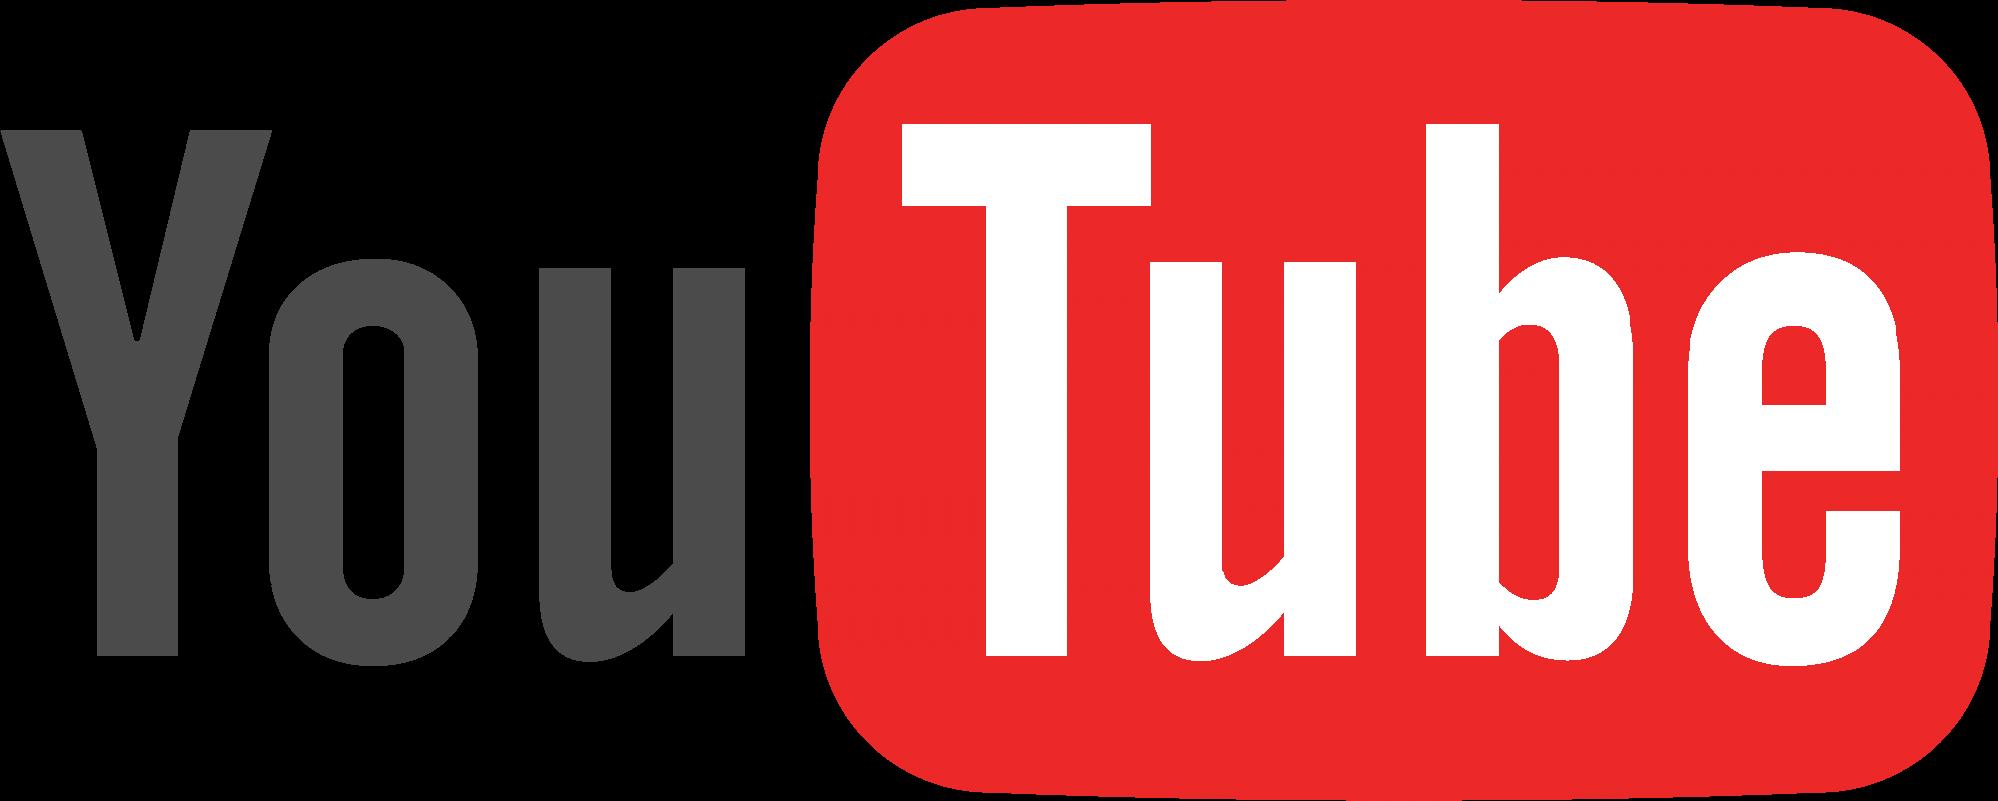 Youtube pénzkeresés hatékonyan